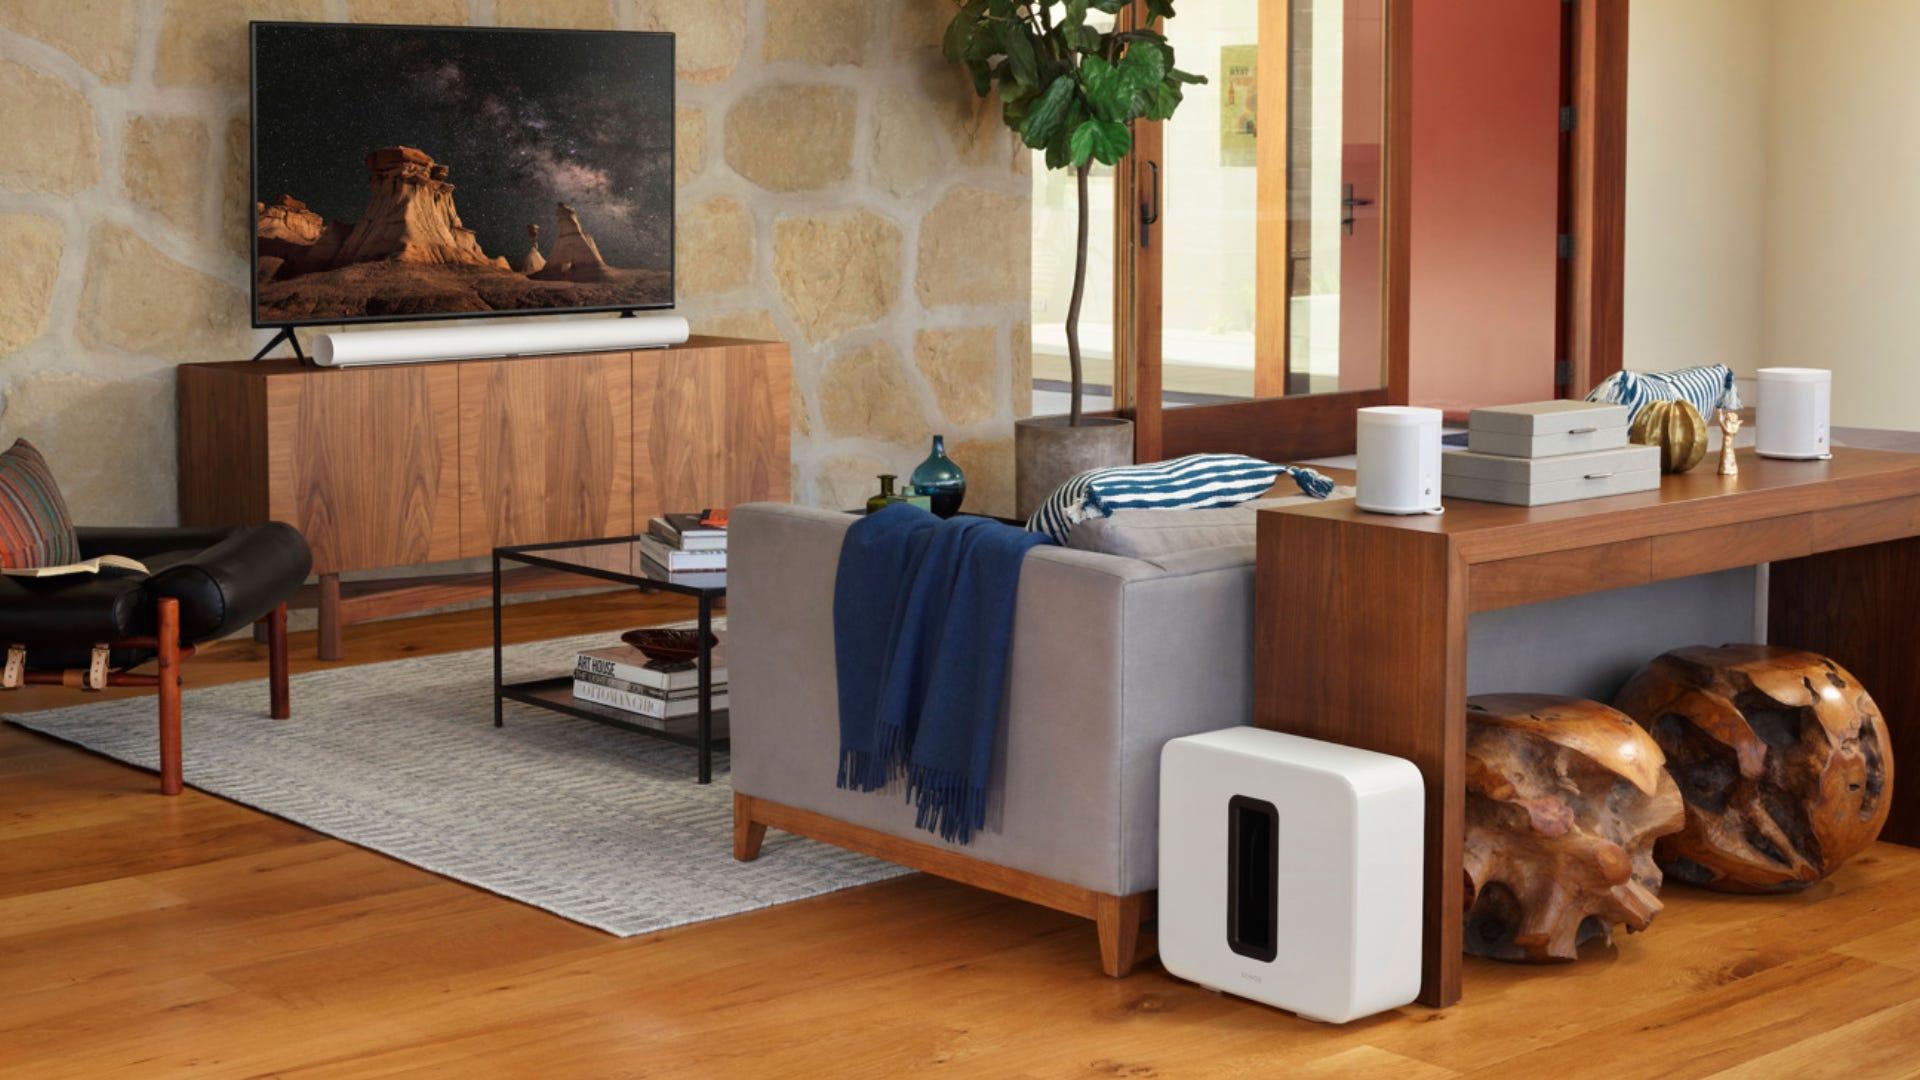 Sonos ARC soundbar + subwoofer in a living room